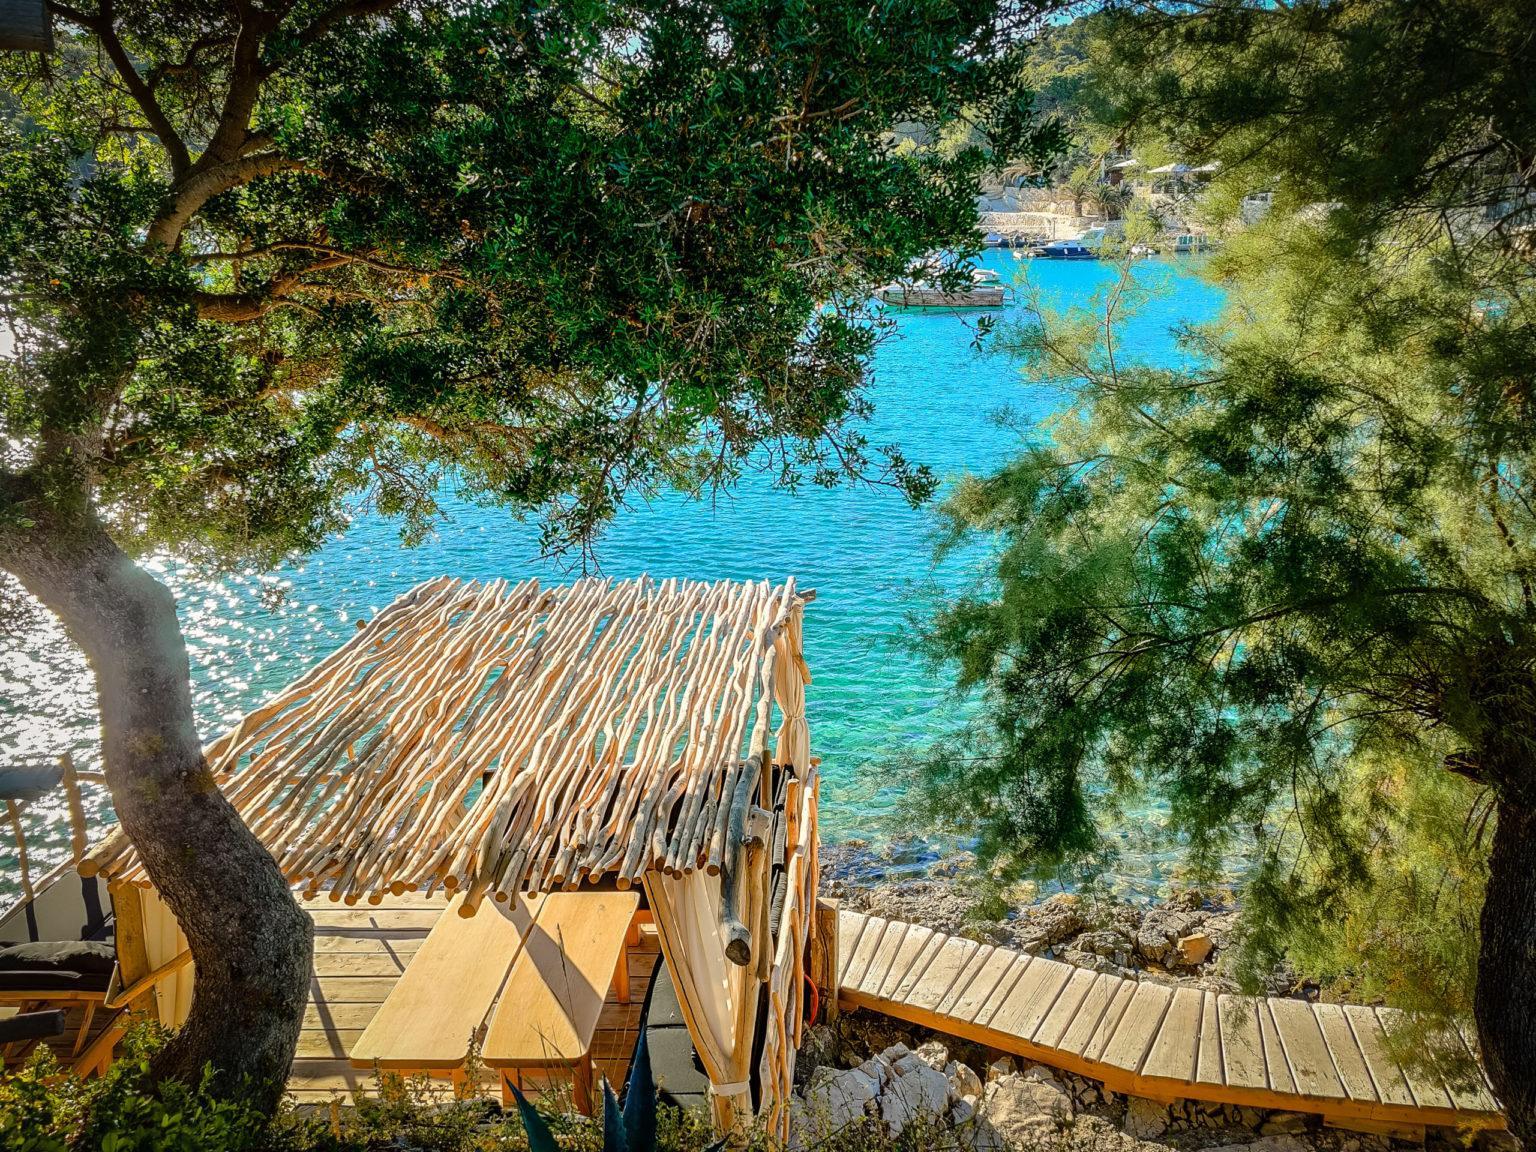 hochzeitslocation Kroatien location hochzeit heiraten 16 4 scaled - Beachclub in der Bucht